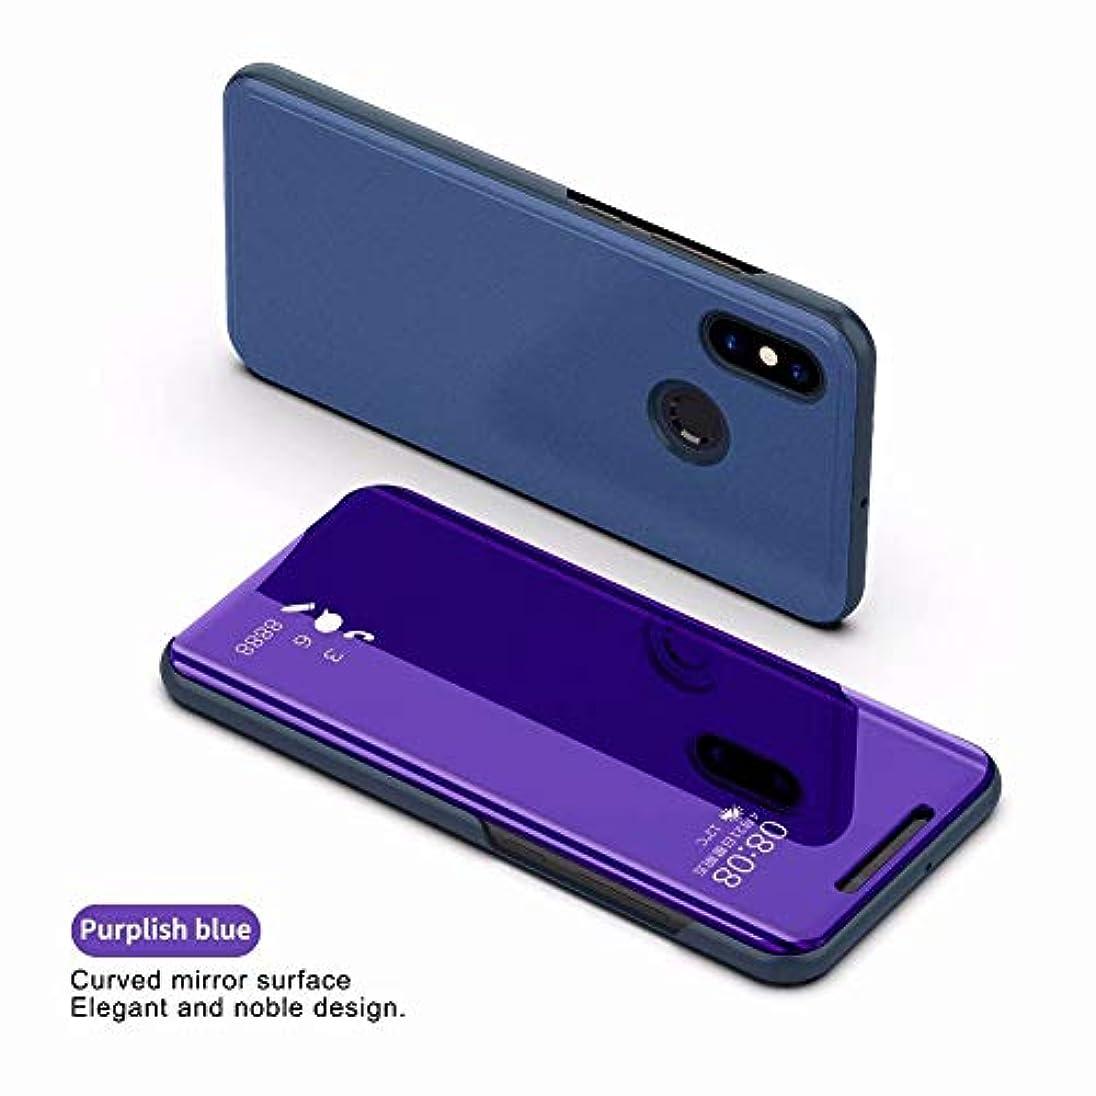 シンプルな出血尽きる携帯電話ケース - スマートスリーピングホルスターミラーフリップブラケットカバー 耐衝撃性と耐傷性の電話ケース適用可能oppo